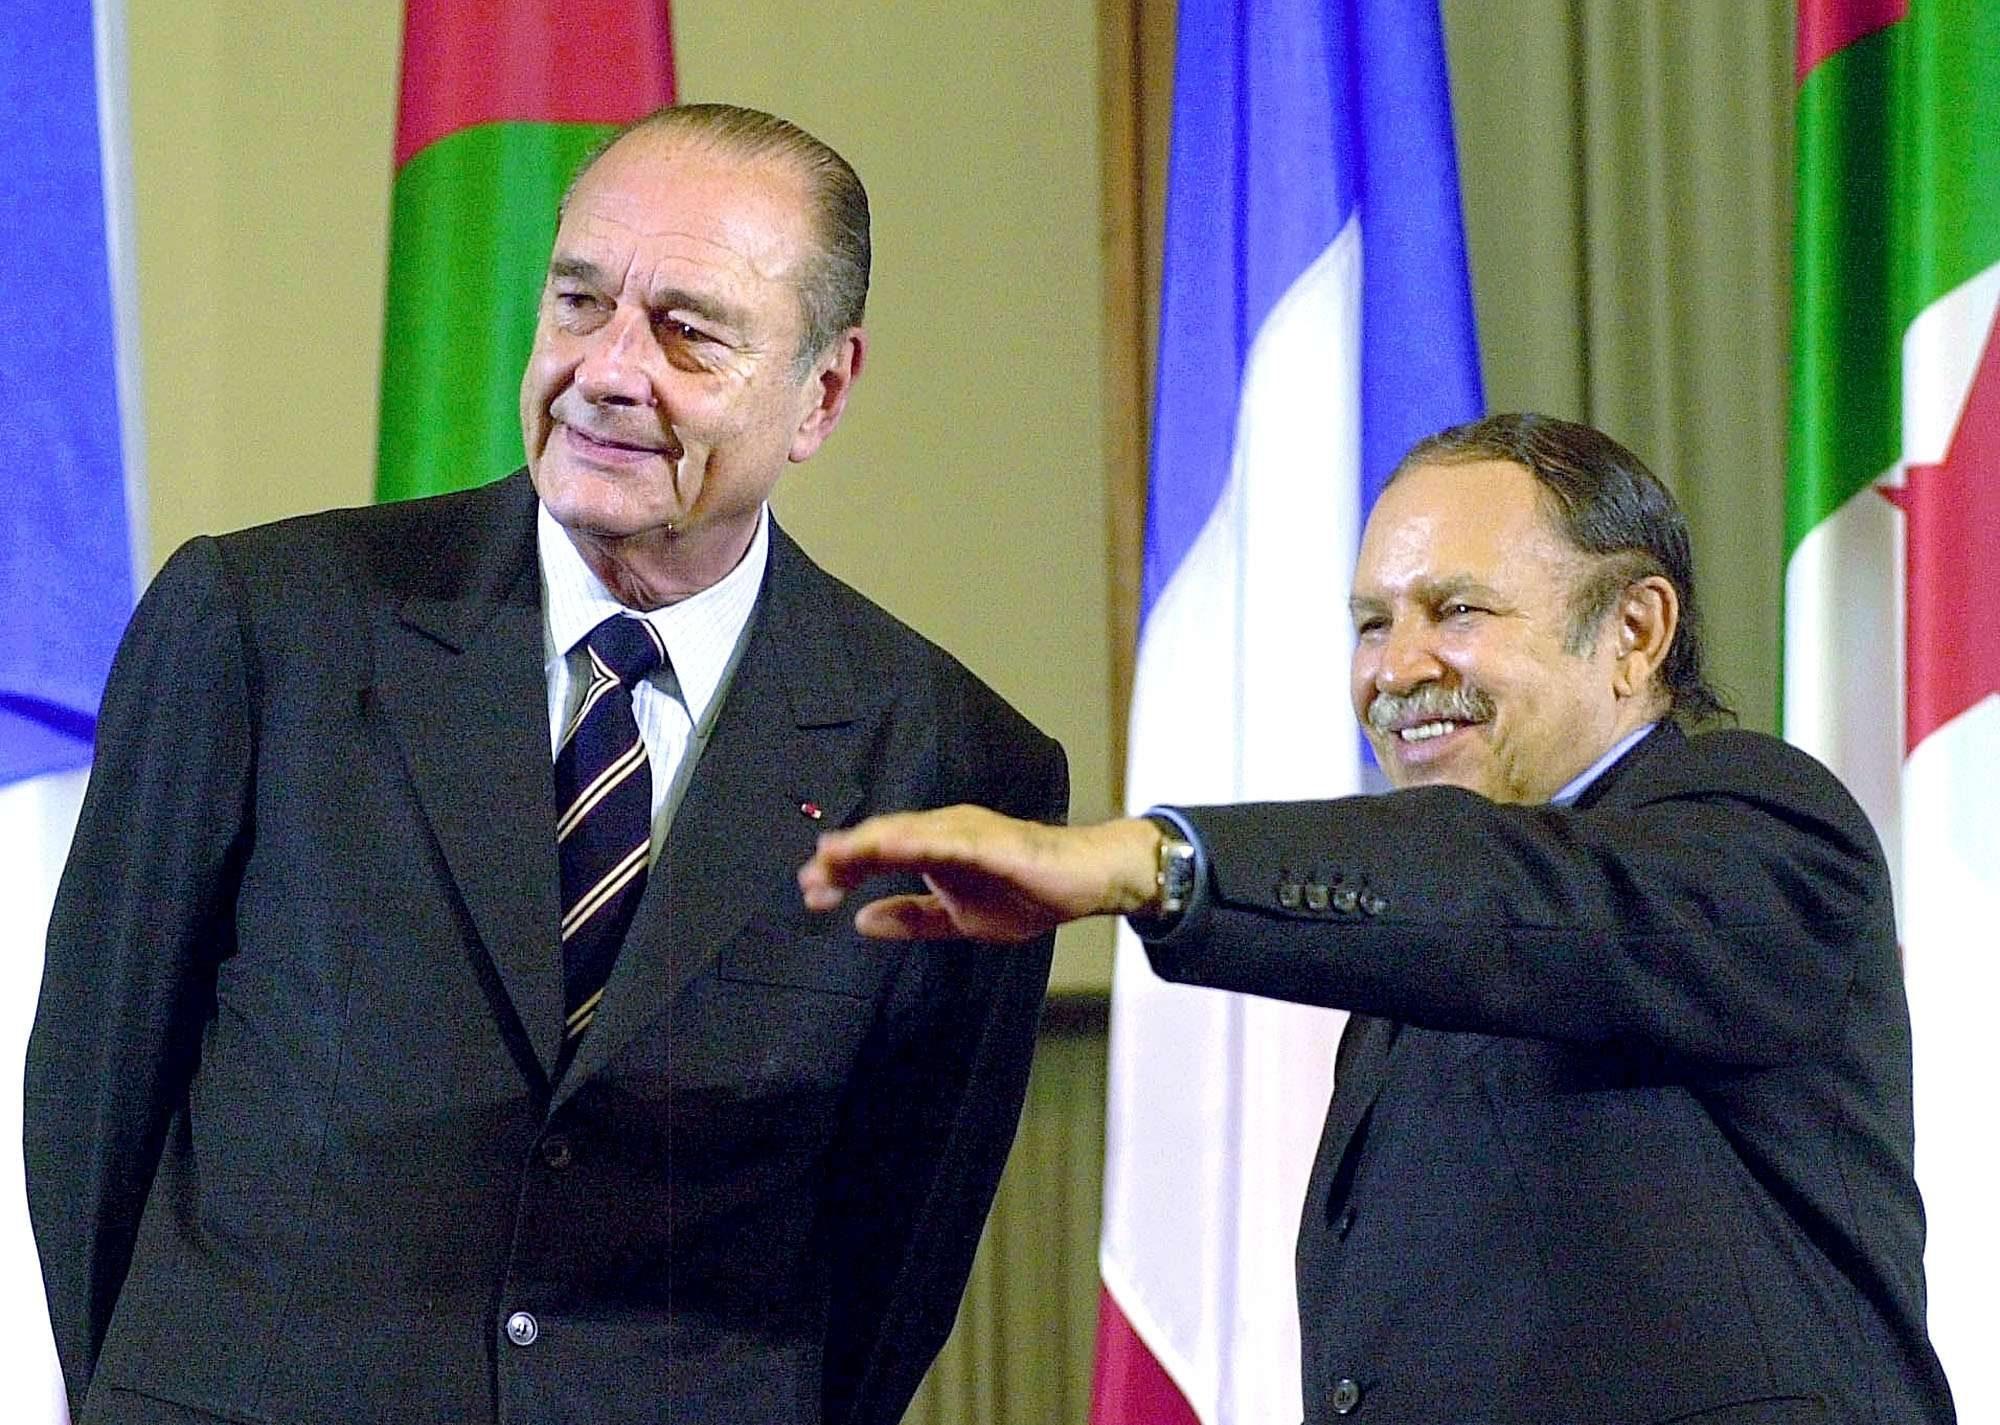 Le Président français Jacques Chirac, à gauche, et son homologue algérien Abdelaziz Bouteflika arrivent au Parlement à Alger le lundi 3 mars 2003.